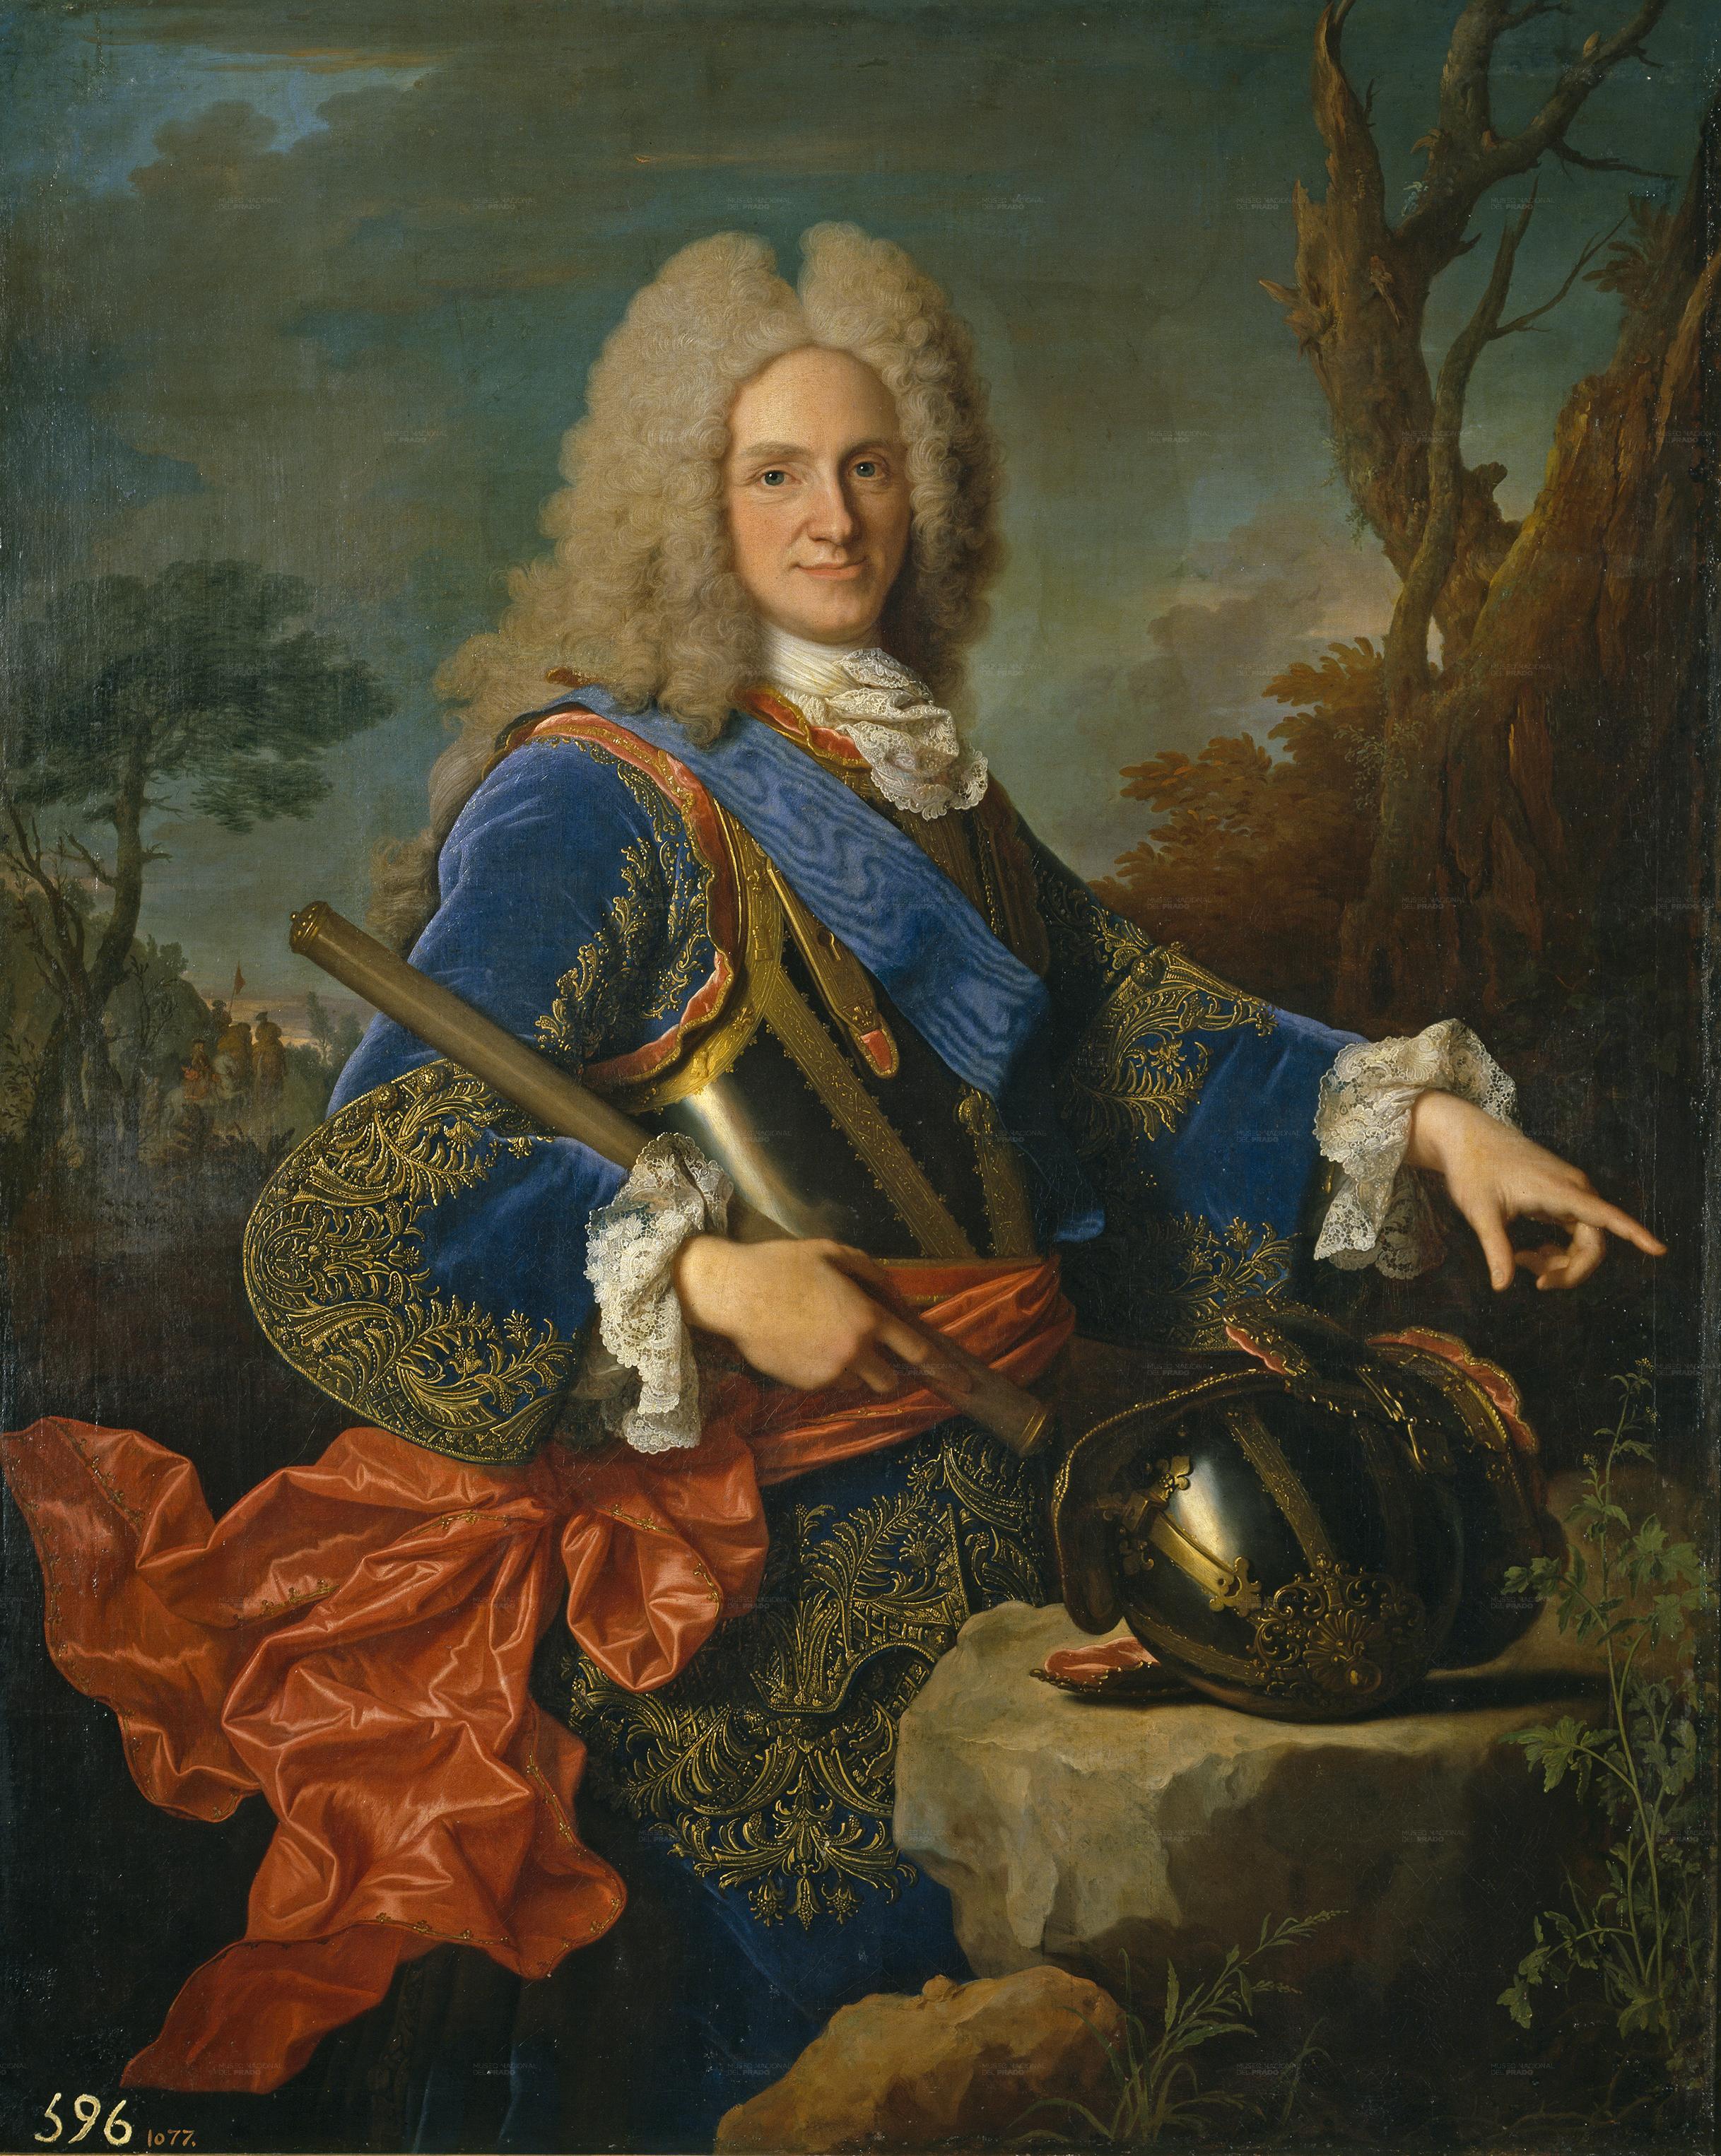 Portrait of Felipe V of Spain, 1723  by Jean Ranc.